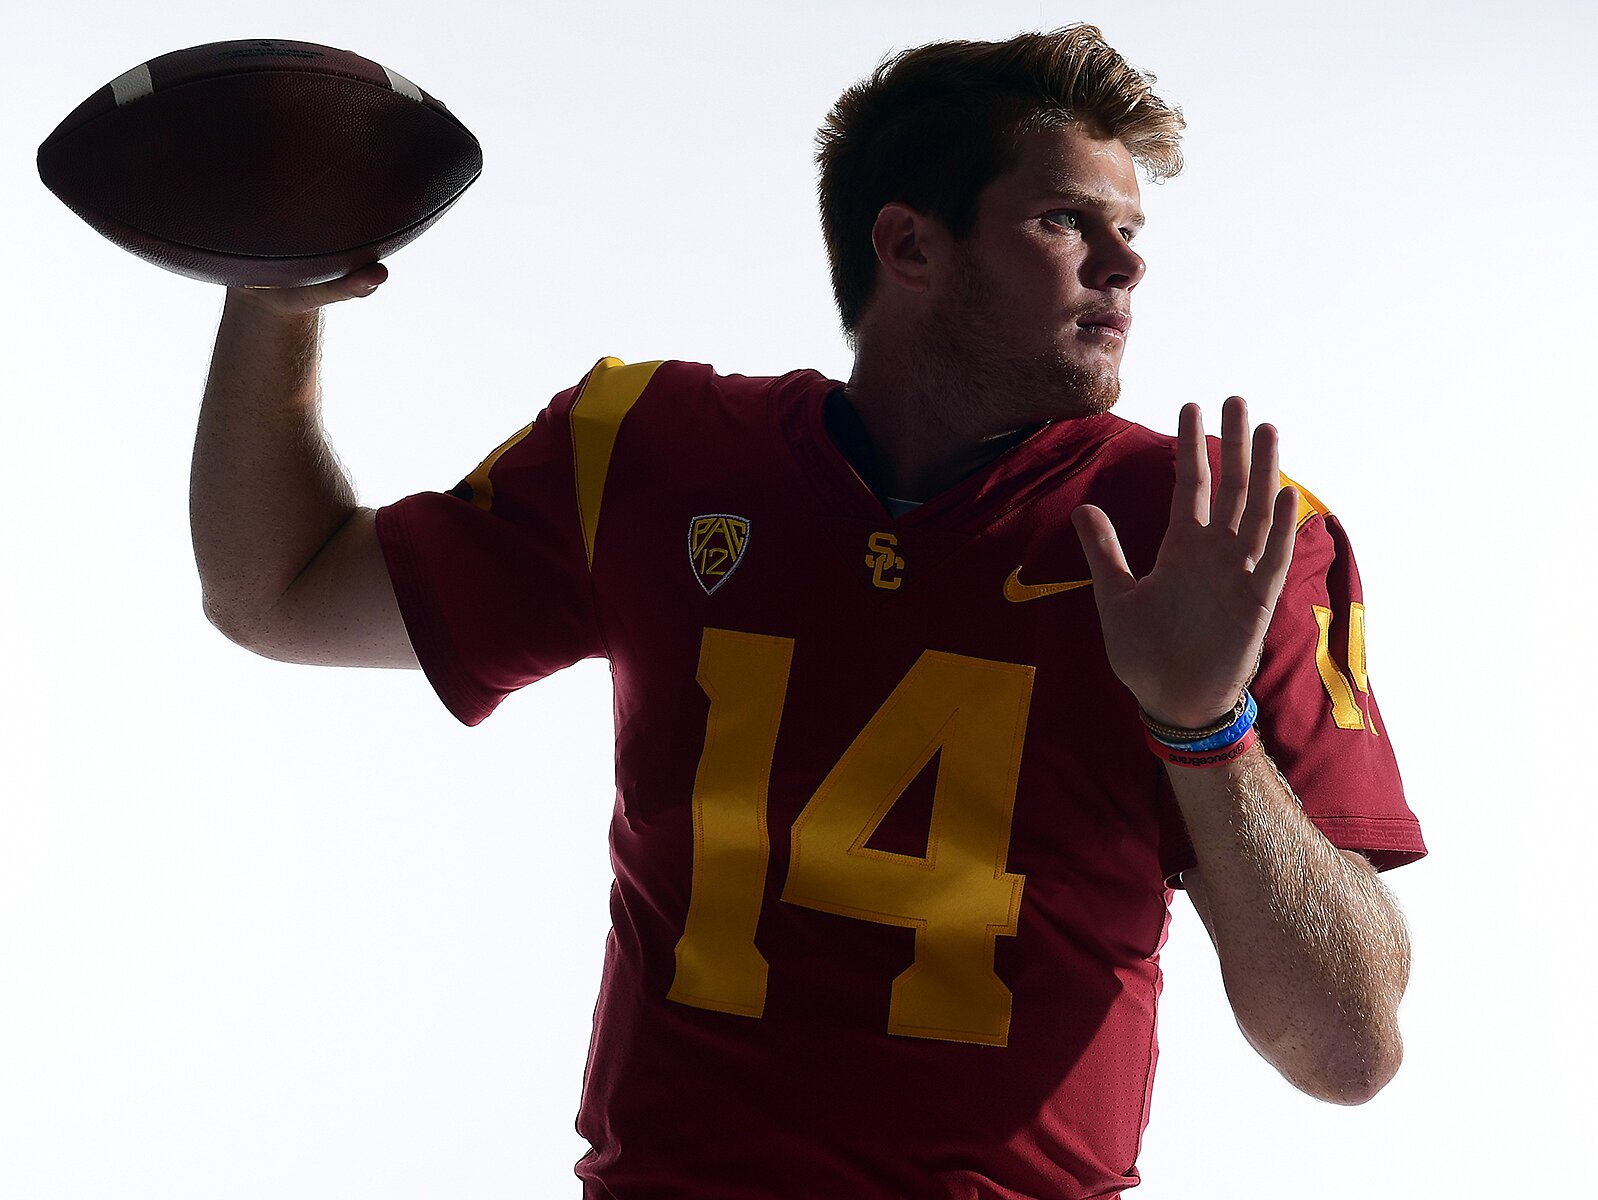 b3b7a2d50b1 Sam Darnold: USC QB has Heisman, NFL draft in his sights | SI.com